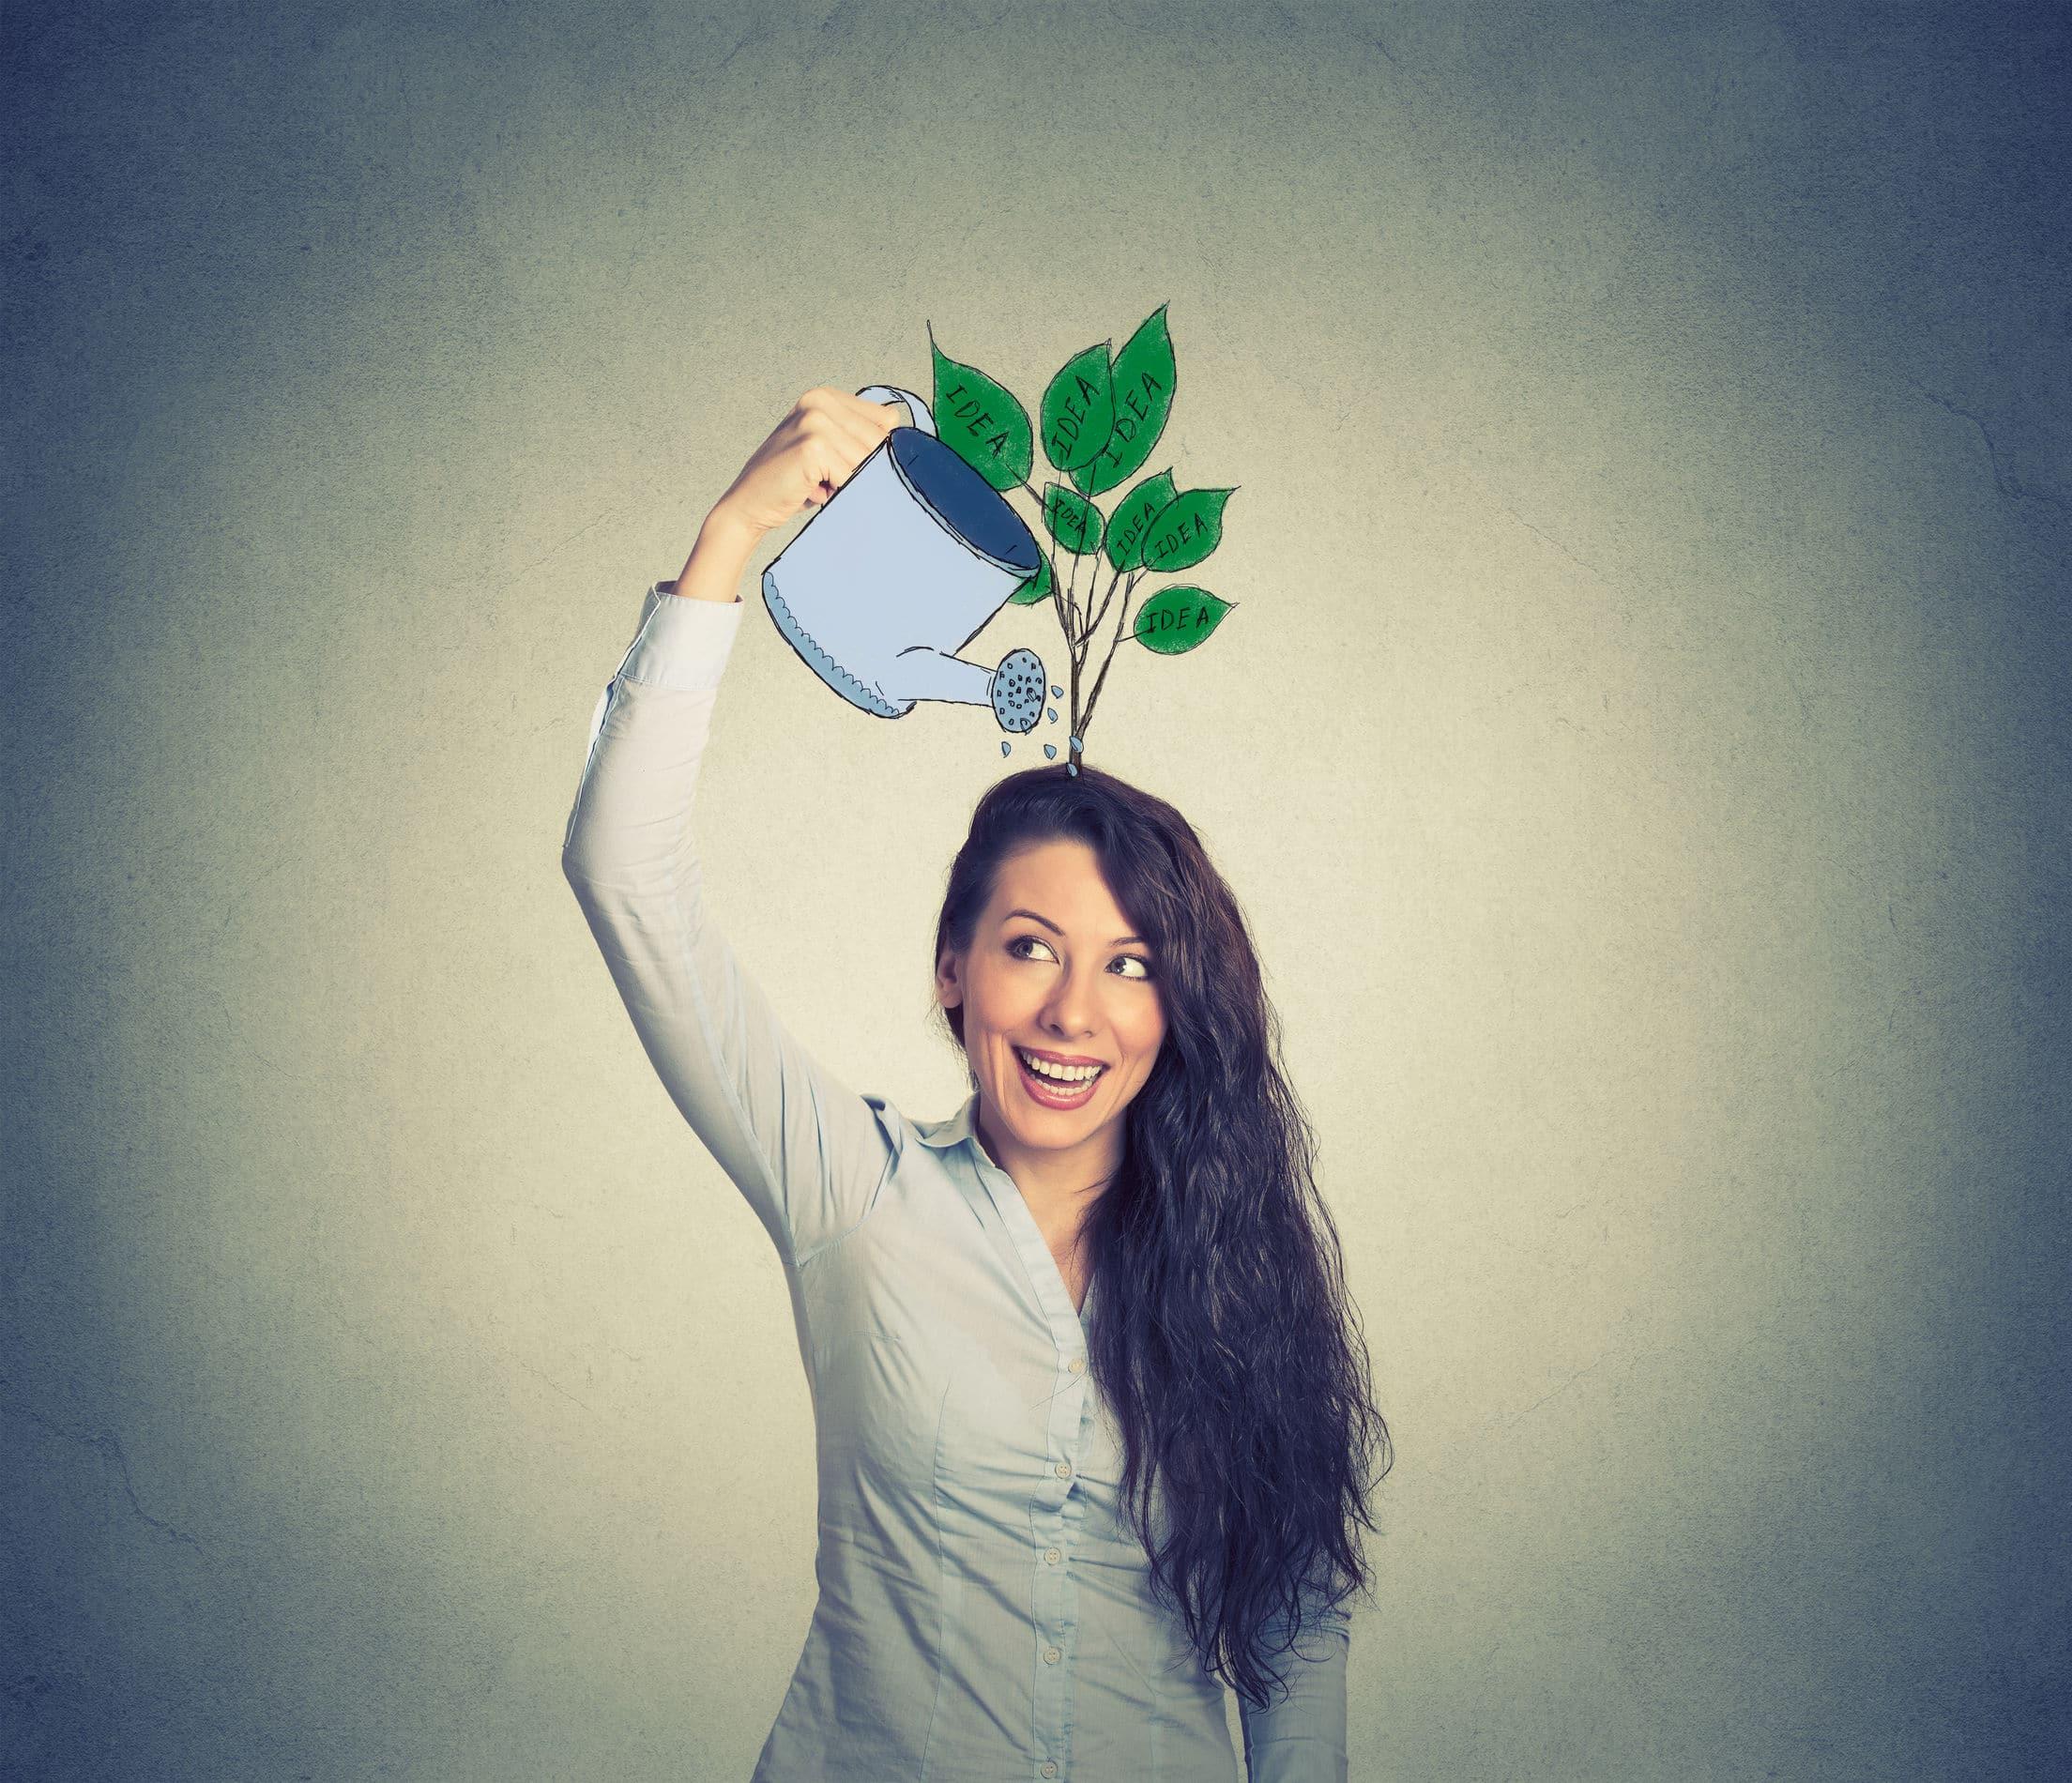 Mulher em pé com o braço levantado, com um desenho de um regador na sua mão, regando sua cabeça, que tem plantas crescendo.